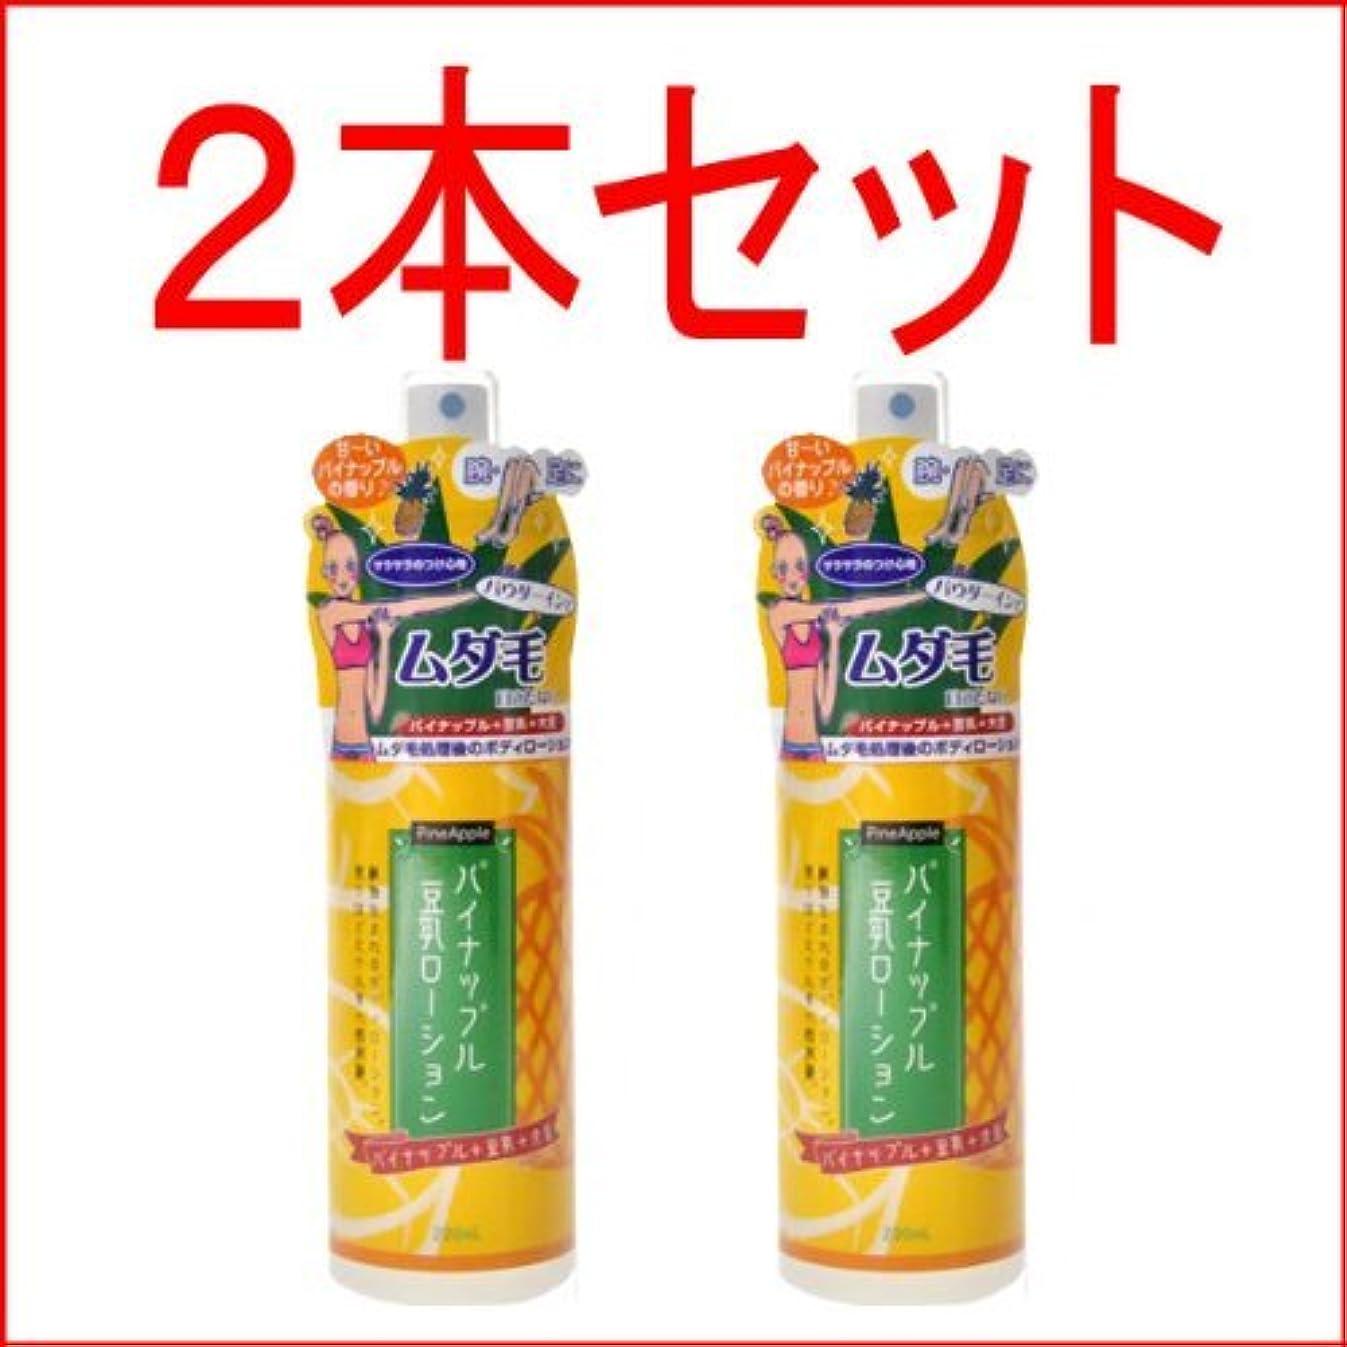 荒らす持っている突然パイナップル豆乳ローション2本セット【ムダ毛処理後専用ボディーローション】